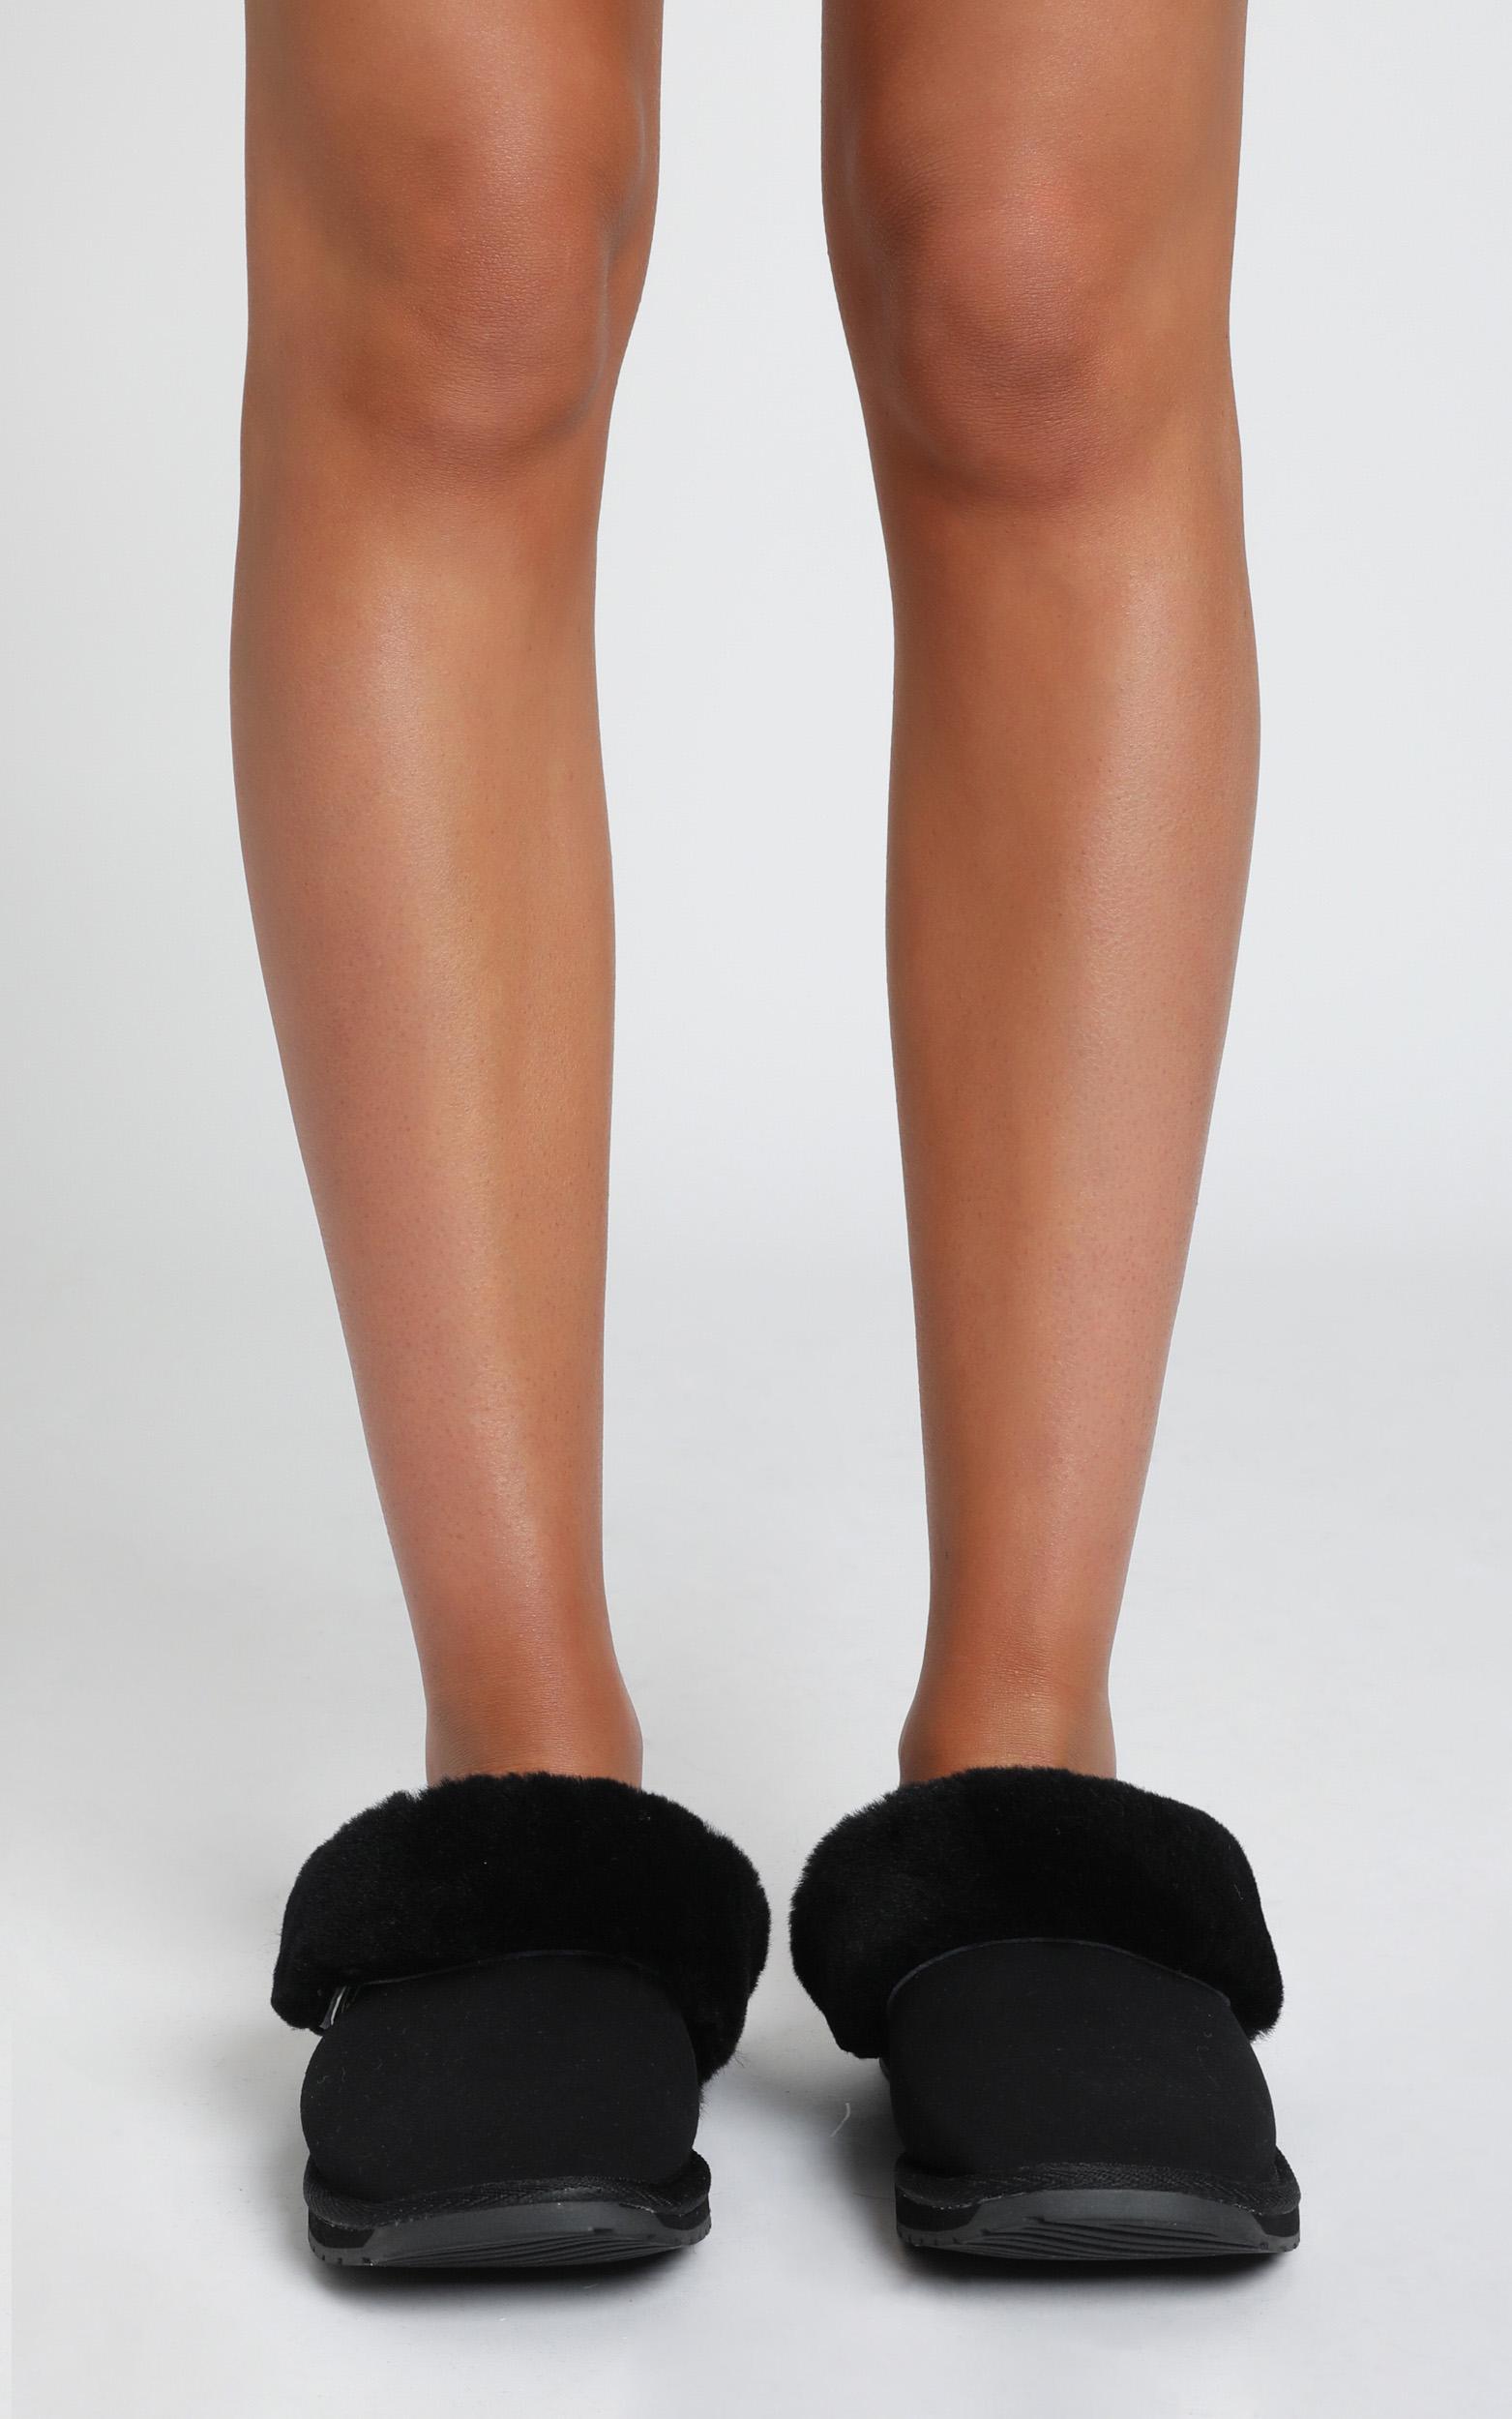 EMU Australia - Platinum Eden Slippers in Black - 5, Black, hi-res image number null